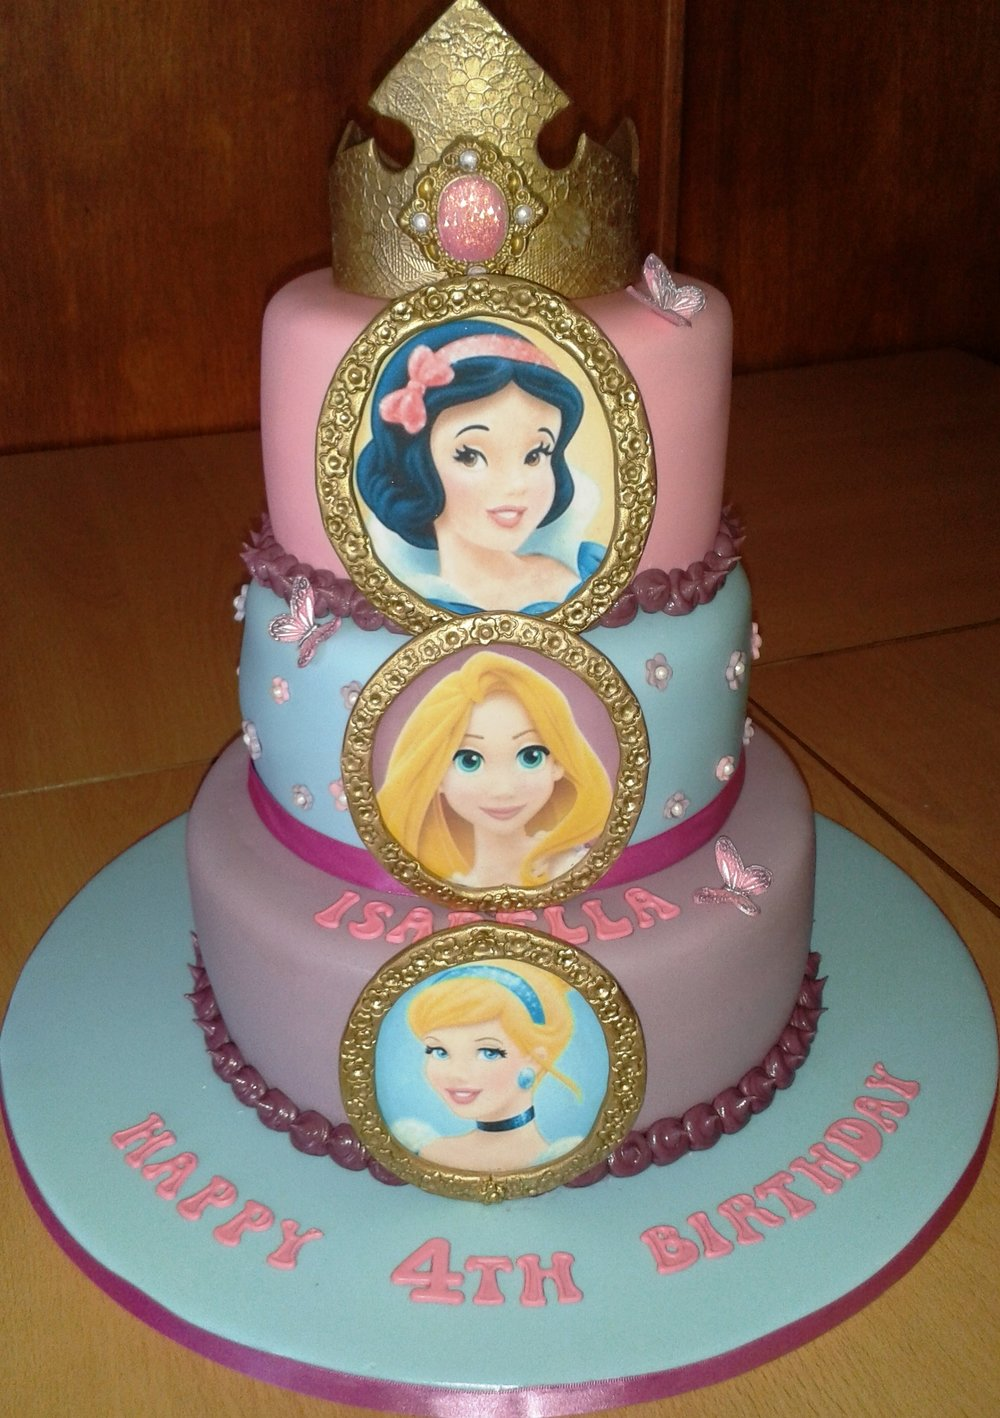 cakes 207-A.jpg